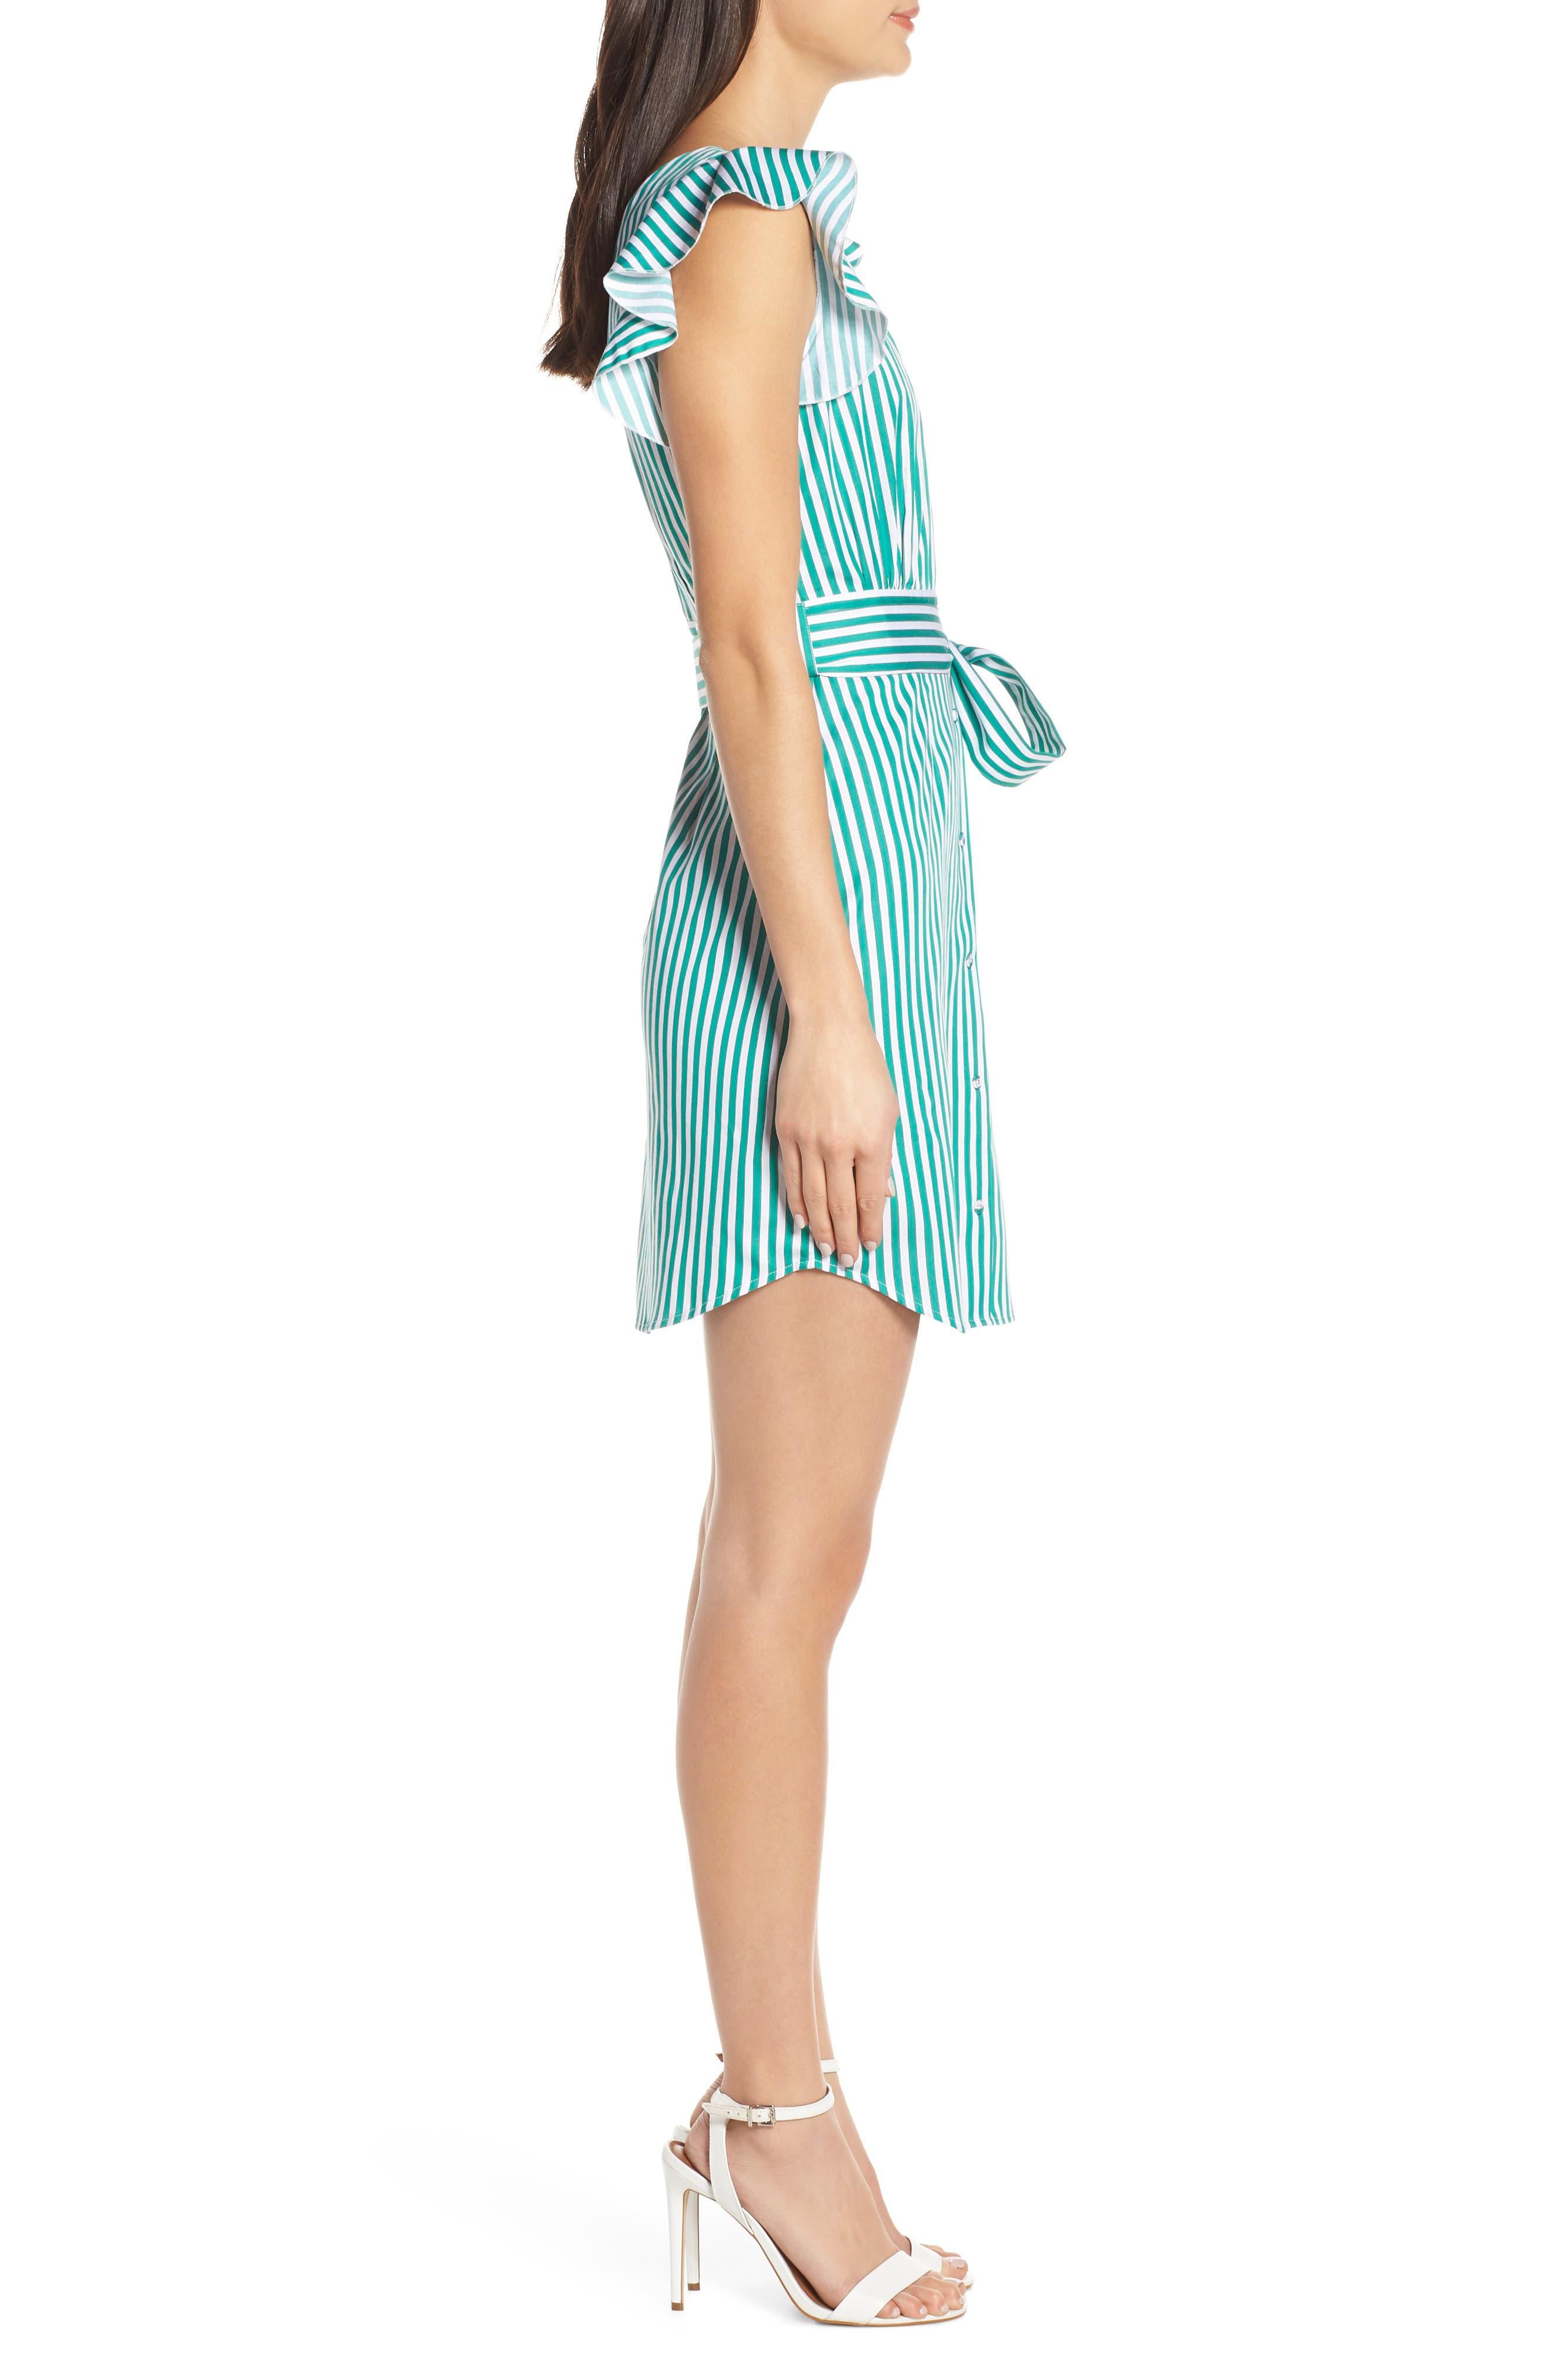 BB DAKOTA, Peppermint Stripe Dress, Alternate thumbnail 4, color, MISTY JADE